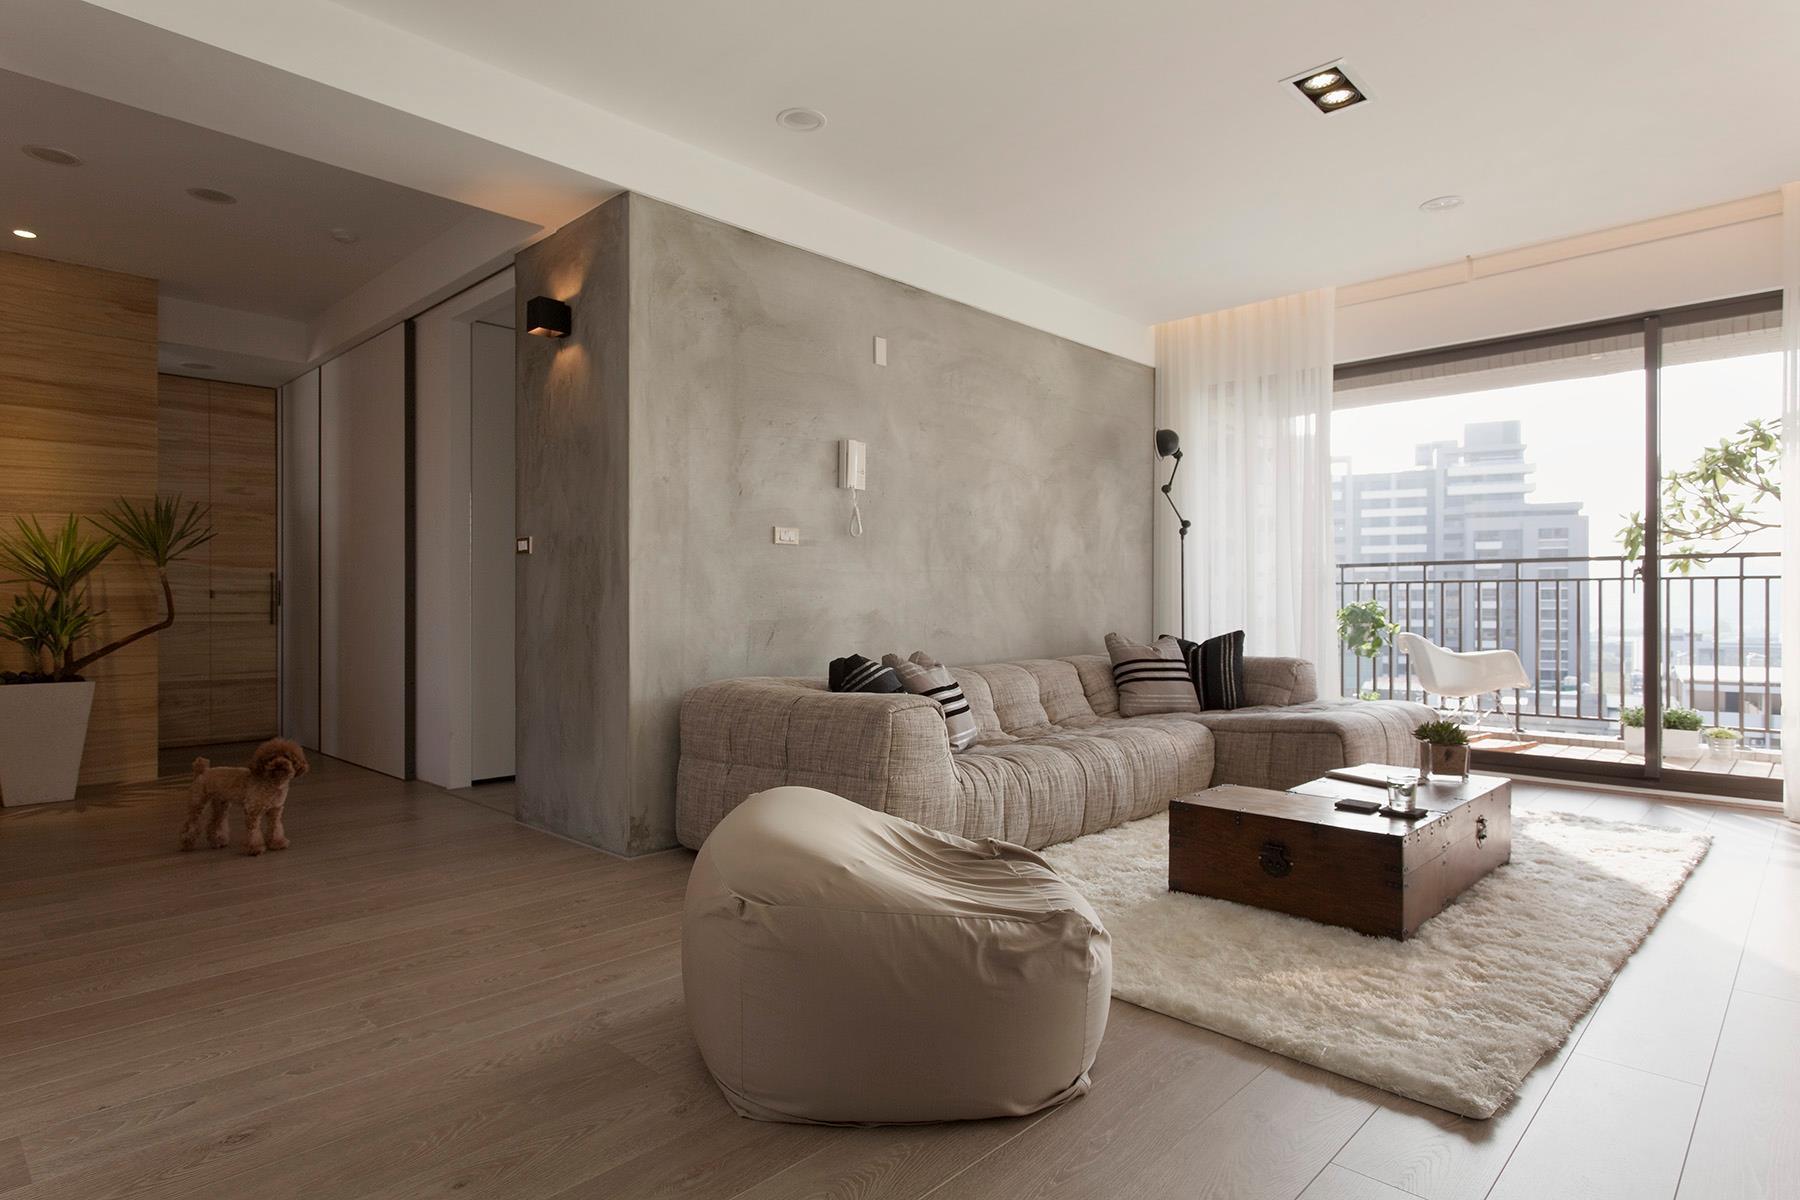 Comfortable Contemporary Decor